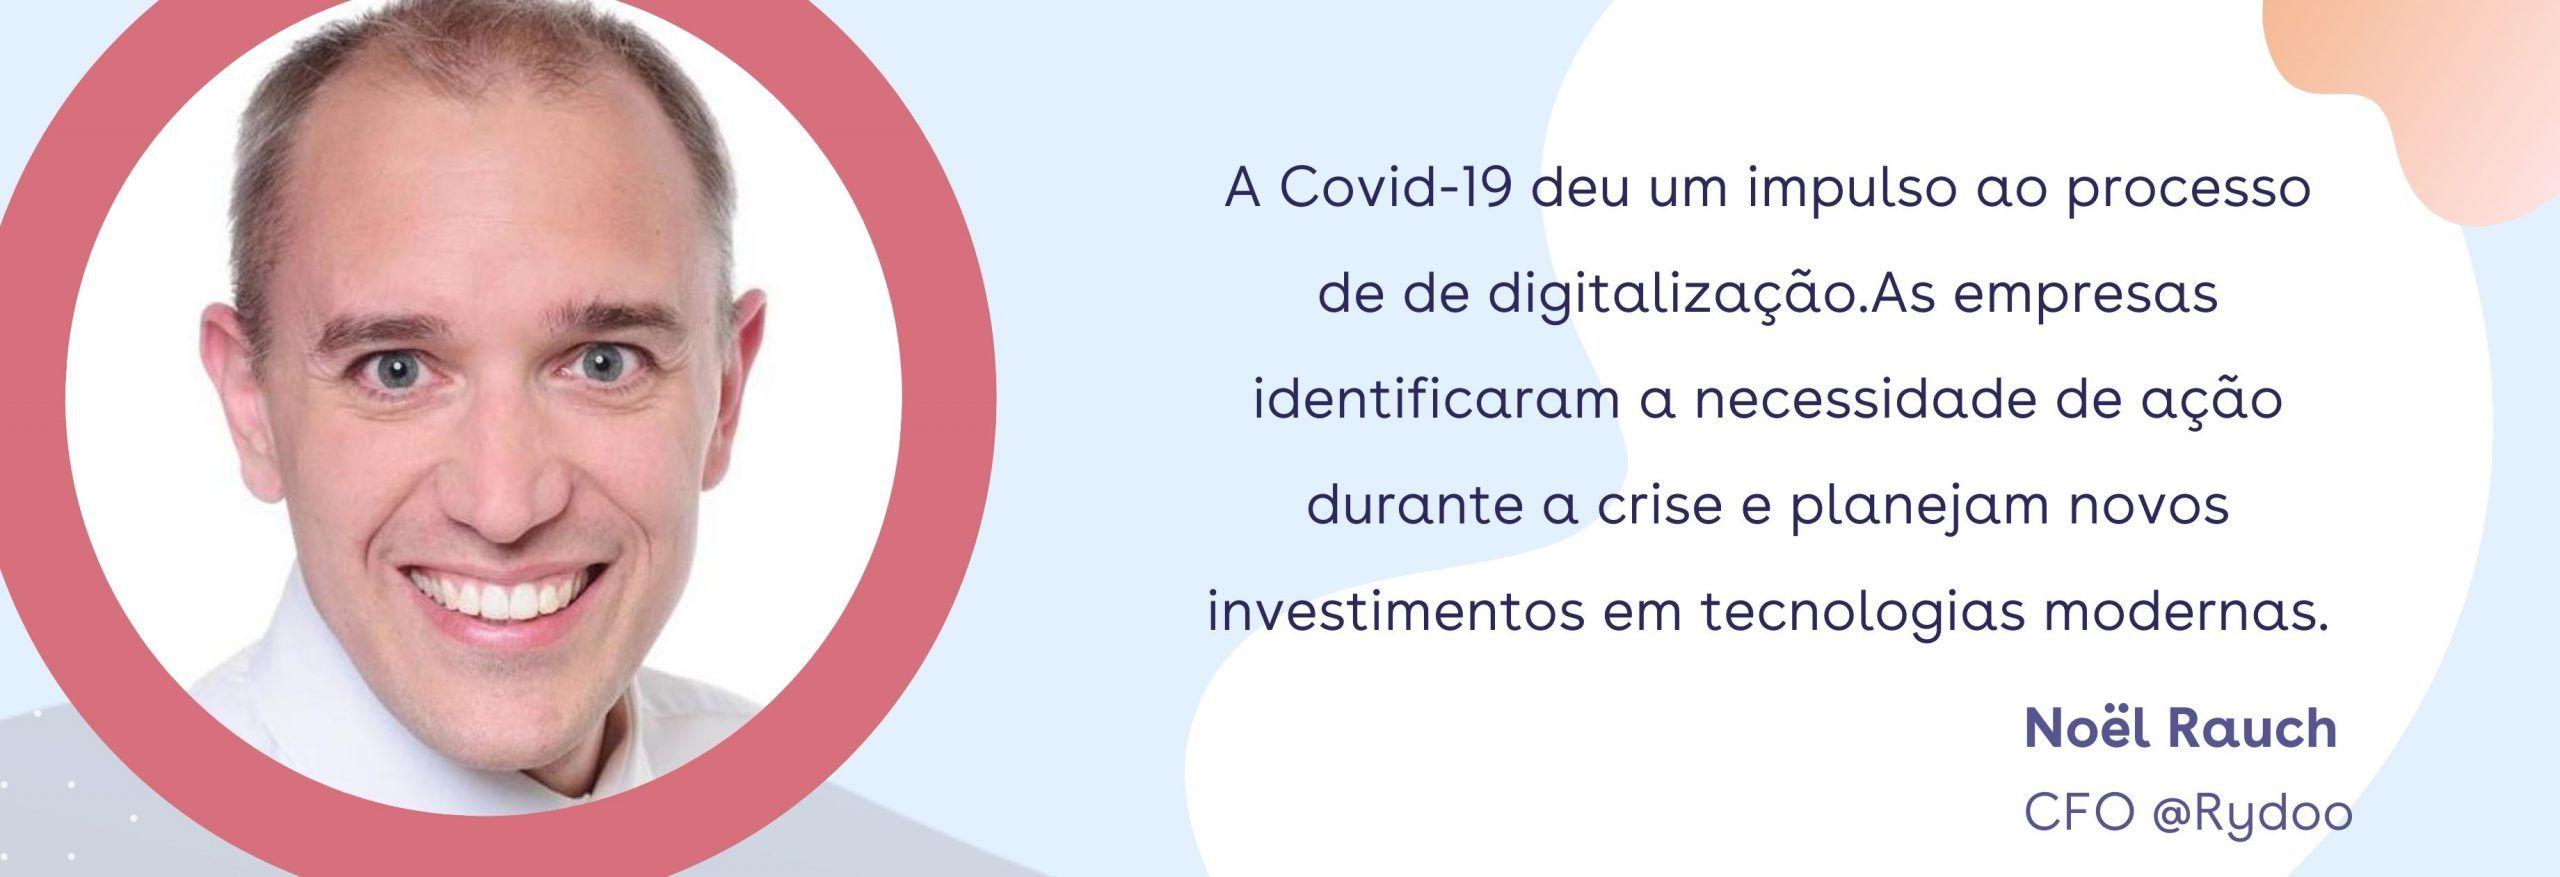 Quote Noel (Rydoo CFO): A Covid-19 deu um impulso ao processo de de digitalização.As empresas identificaram a necessidade de ação durante a crise e planejam novos investimentos em tecnologias modernas.